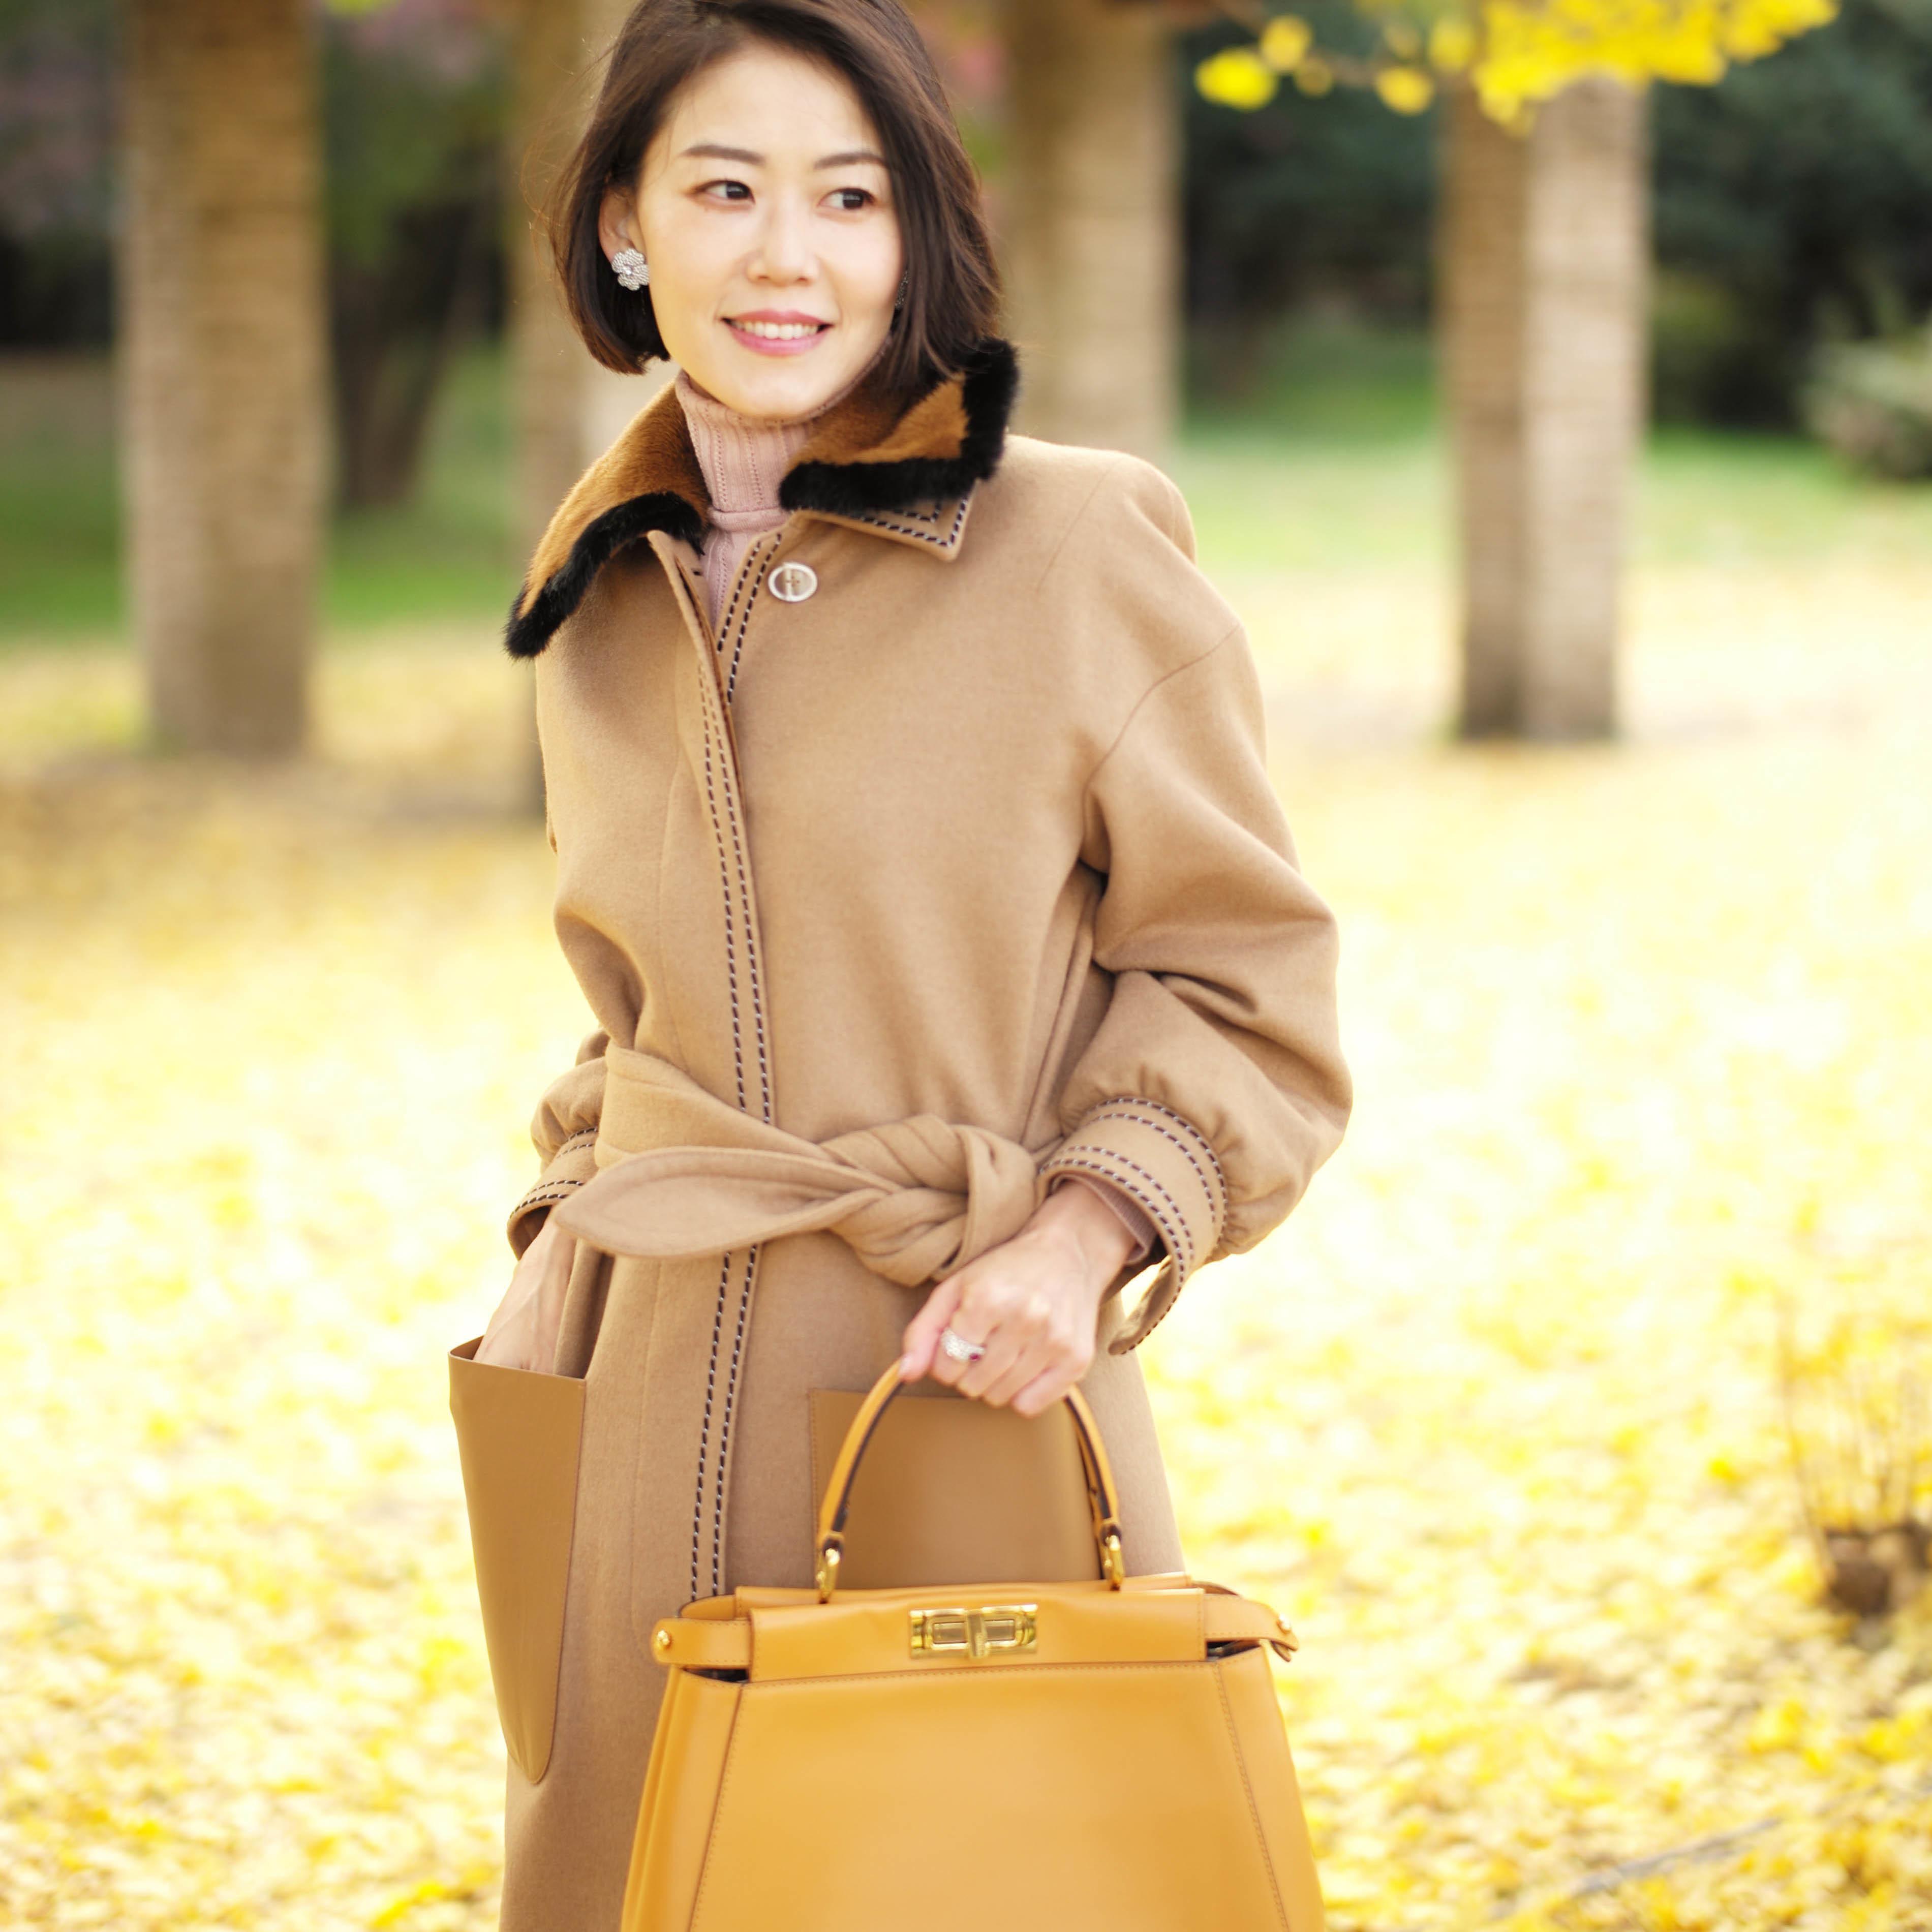 ロング&ビッグが人気!美女組さん今年のコート【マリソル美女組ブログPICK UP】_1_1-3